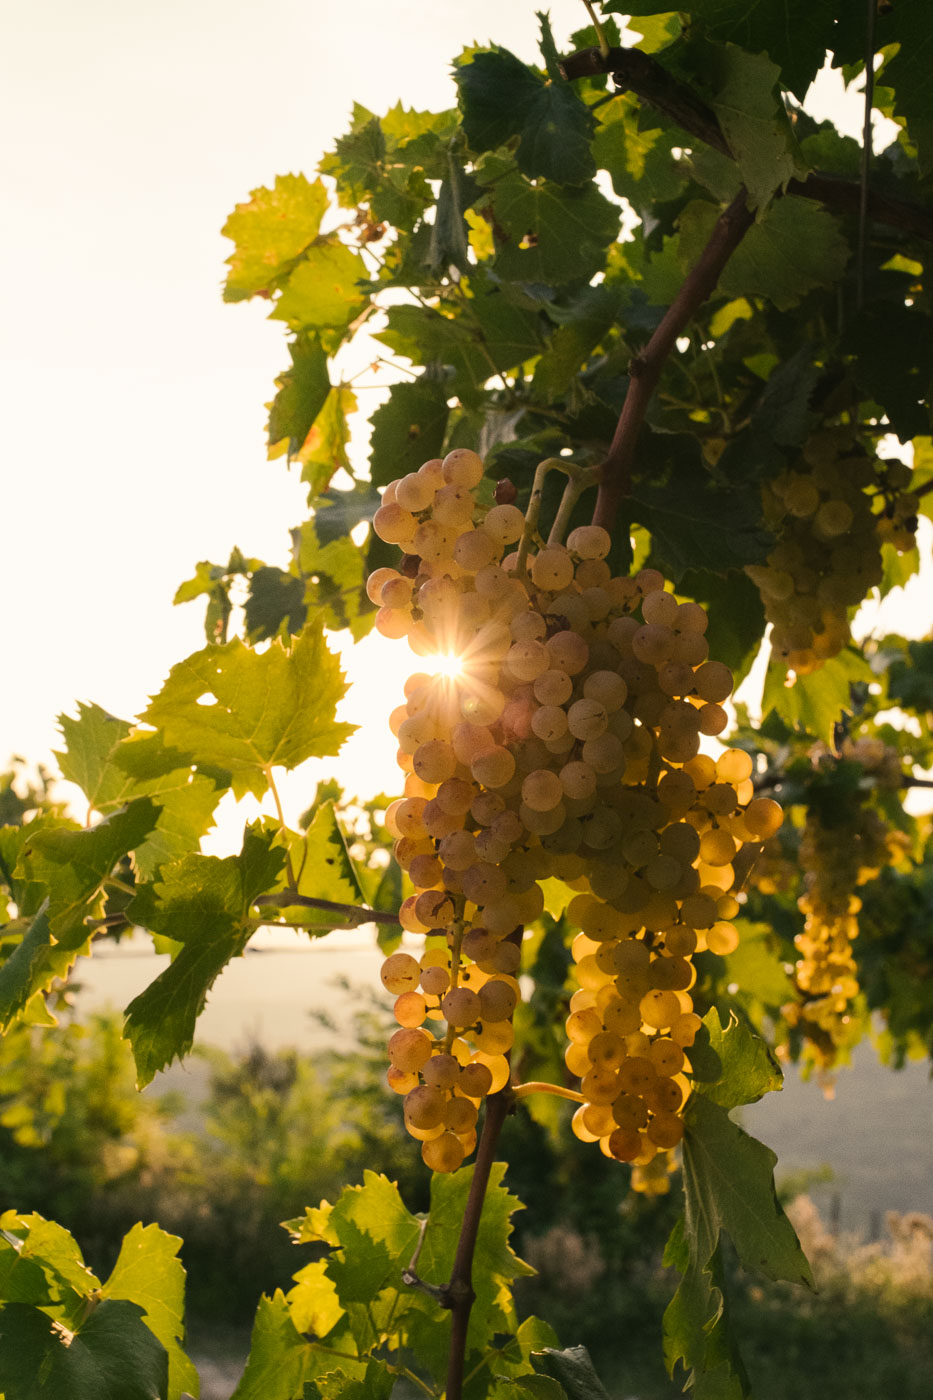 vendemmia-naturale-vino-uva-gambellara-garganega-maule-sauro-fotografo-rui-_RUI2734_p_Lr_web